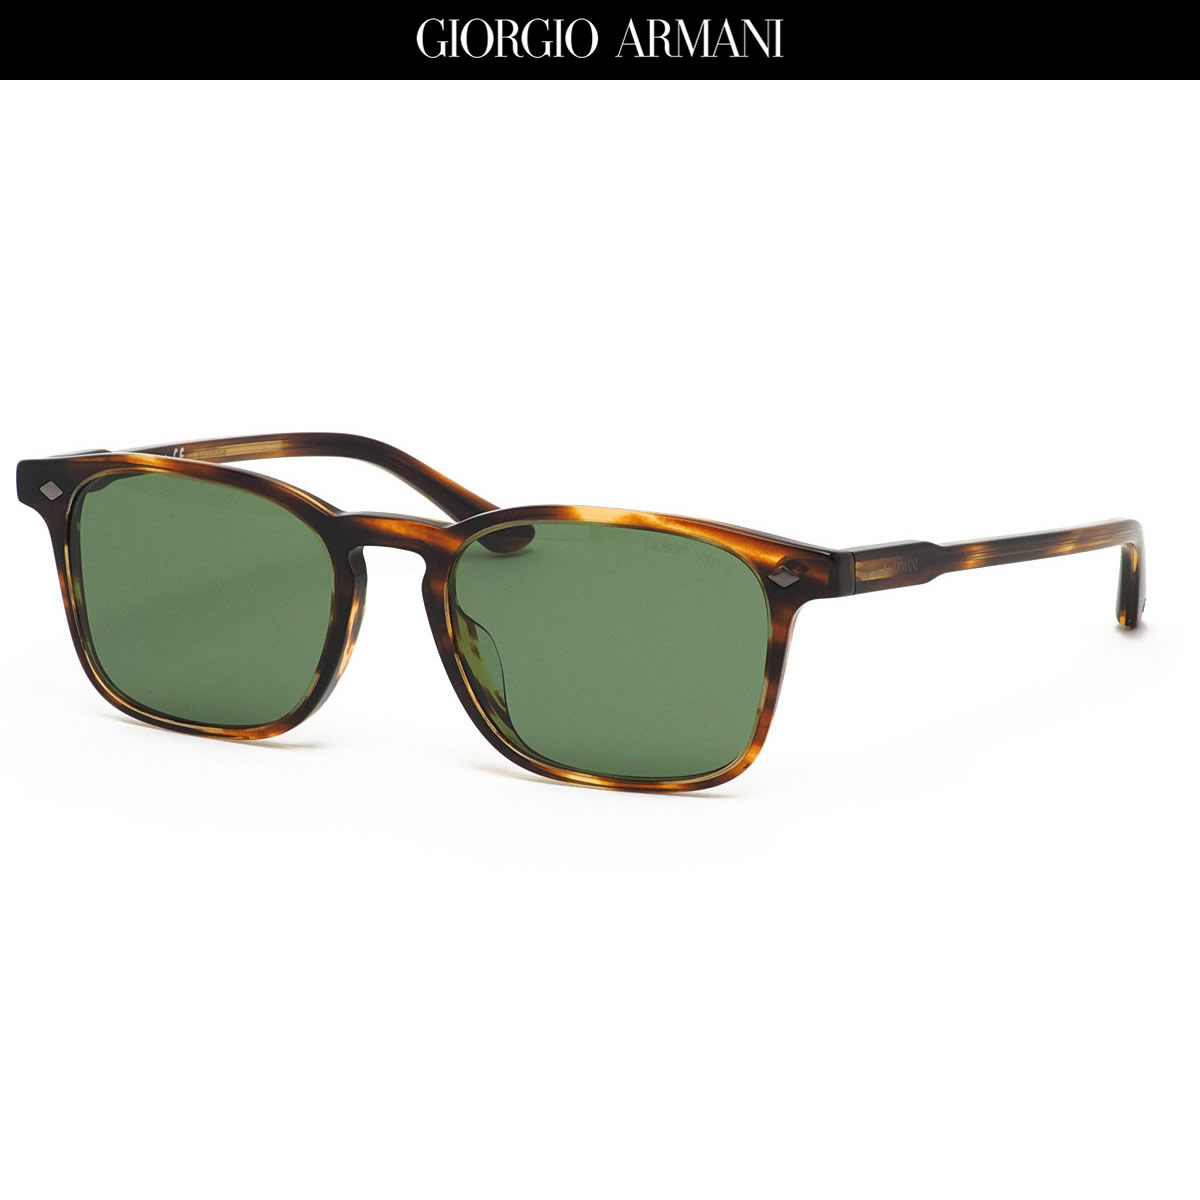 ポイント最大26倍 最大2000円クーポンも GIORGIO ARMANI ジョルジオアルマーニ サングラスAR8103F 559052 53サイズFRAMES OF LIFE フルフィットジョルジオアルマーニ GIORGIOARMANI メンズ レディース